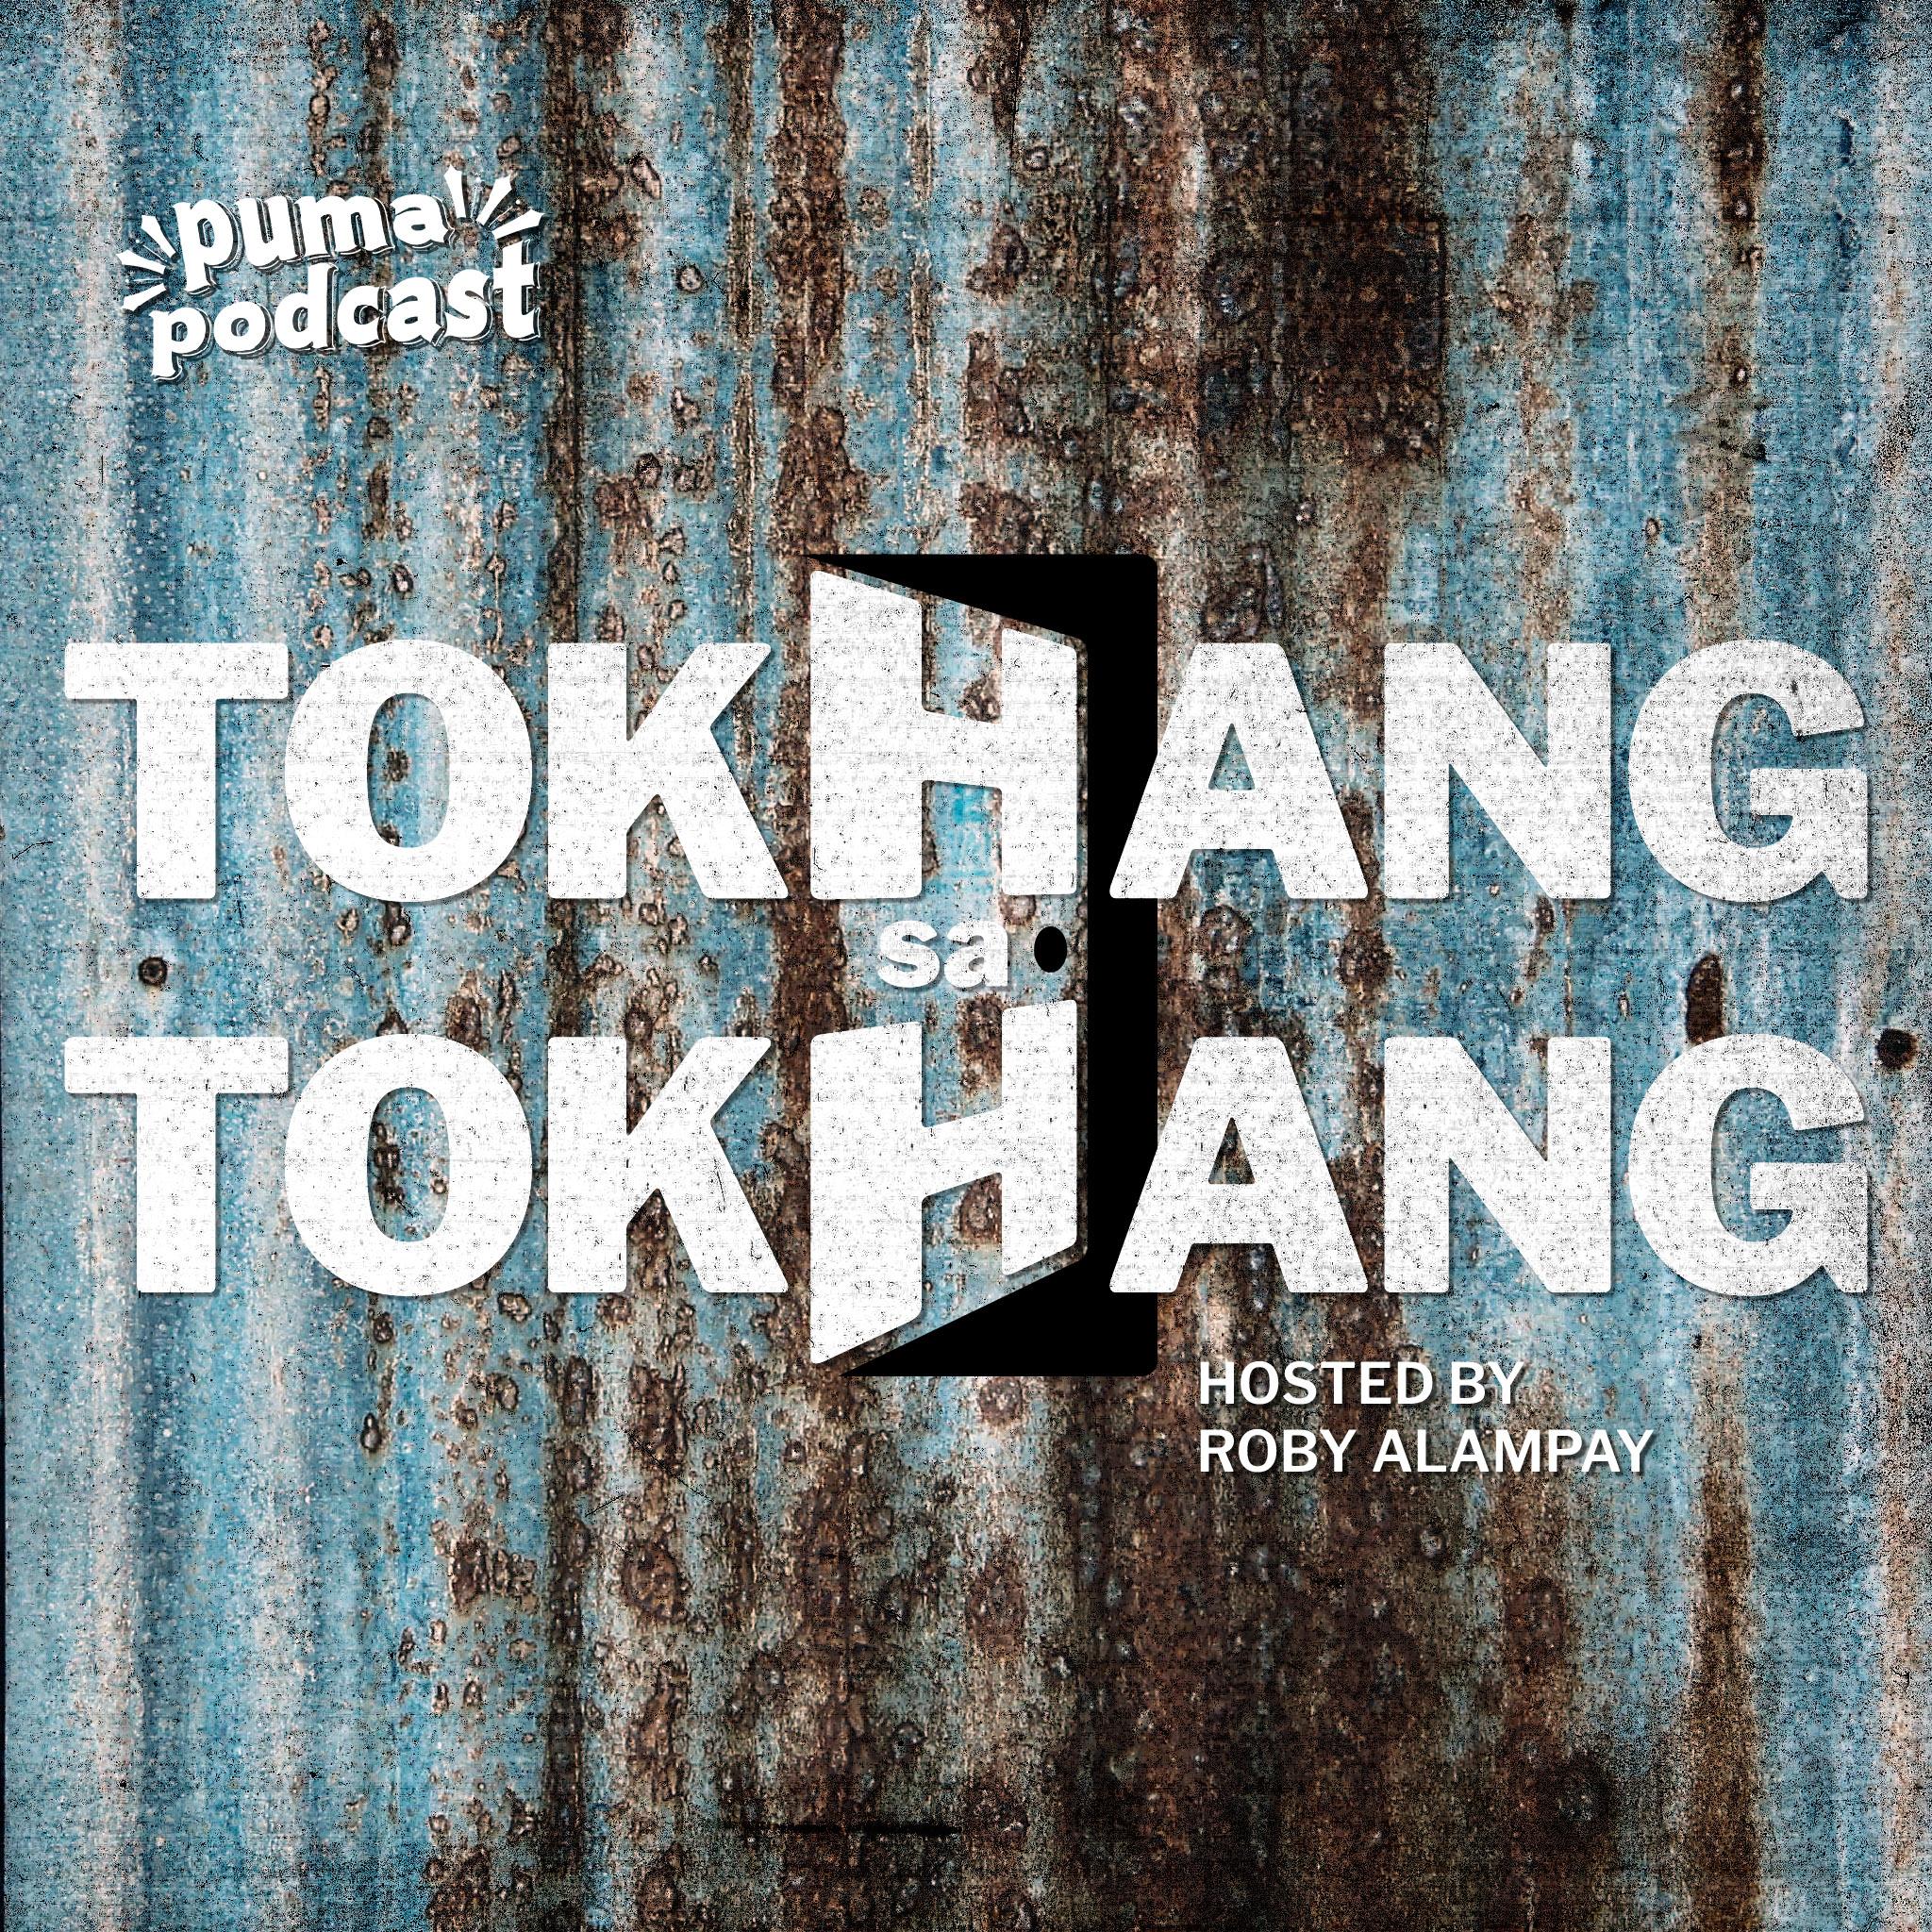 Tokhang Sa Tokhang